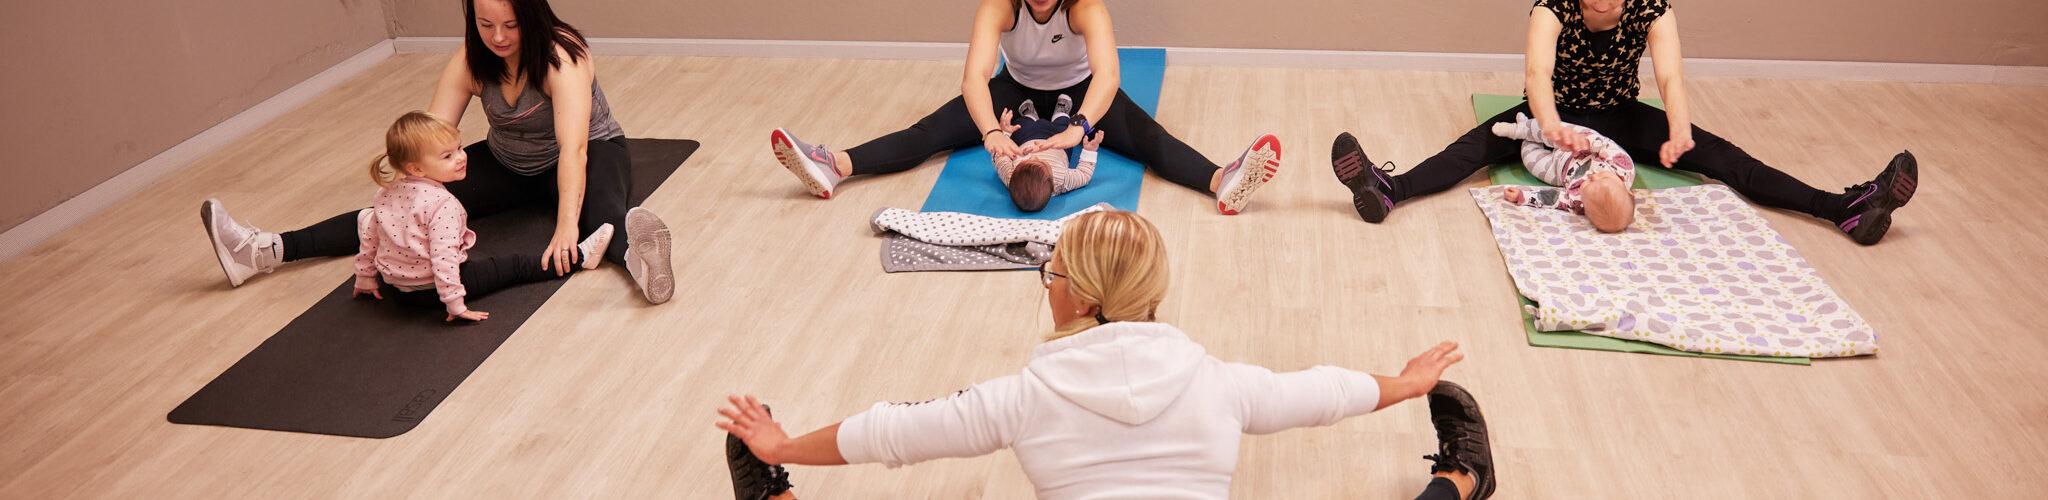 hh-liikuntapalvelut-personal-trainer-heidi-ilomaki-sastamala-tampere-bailamama